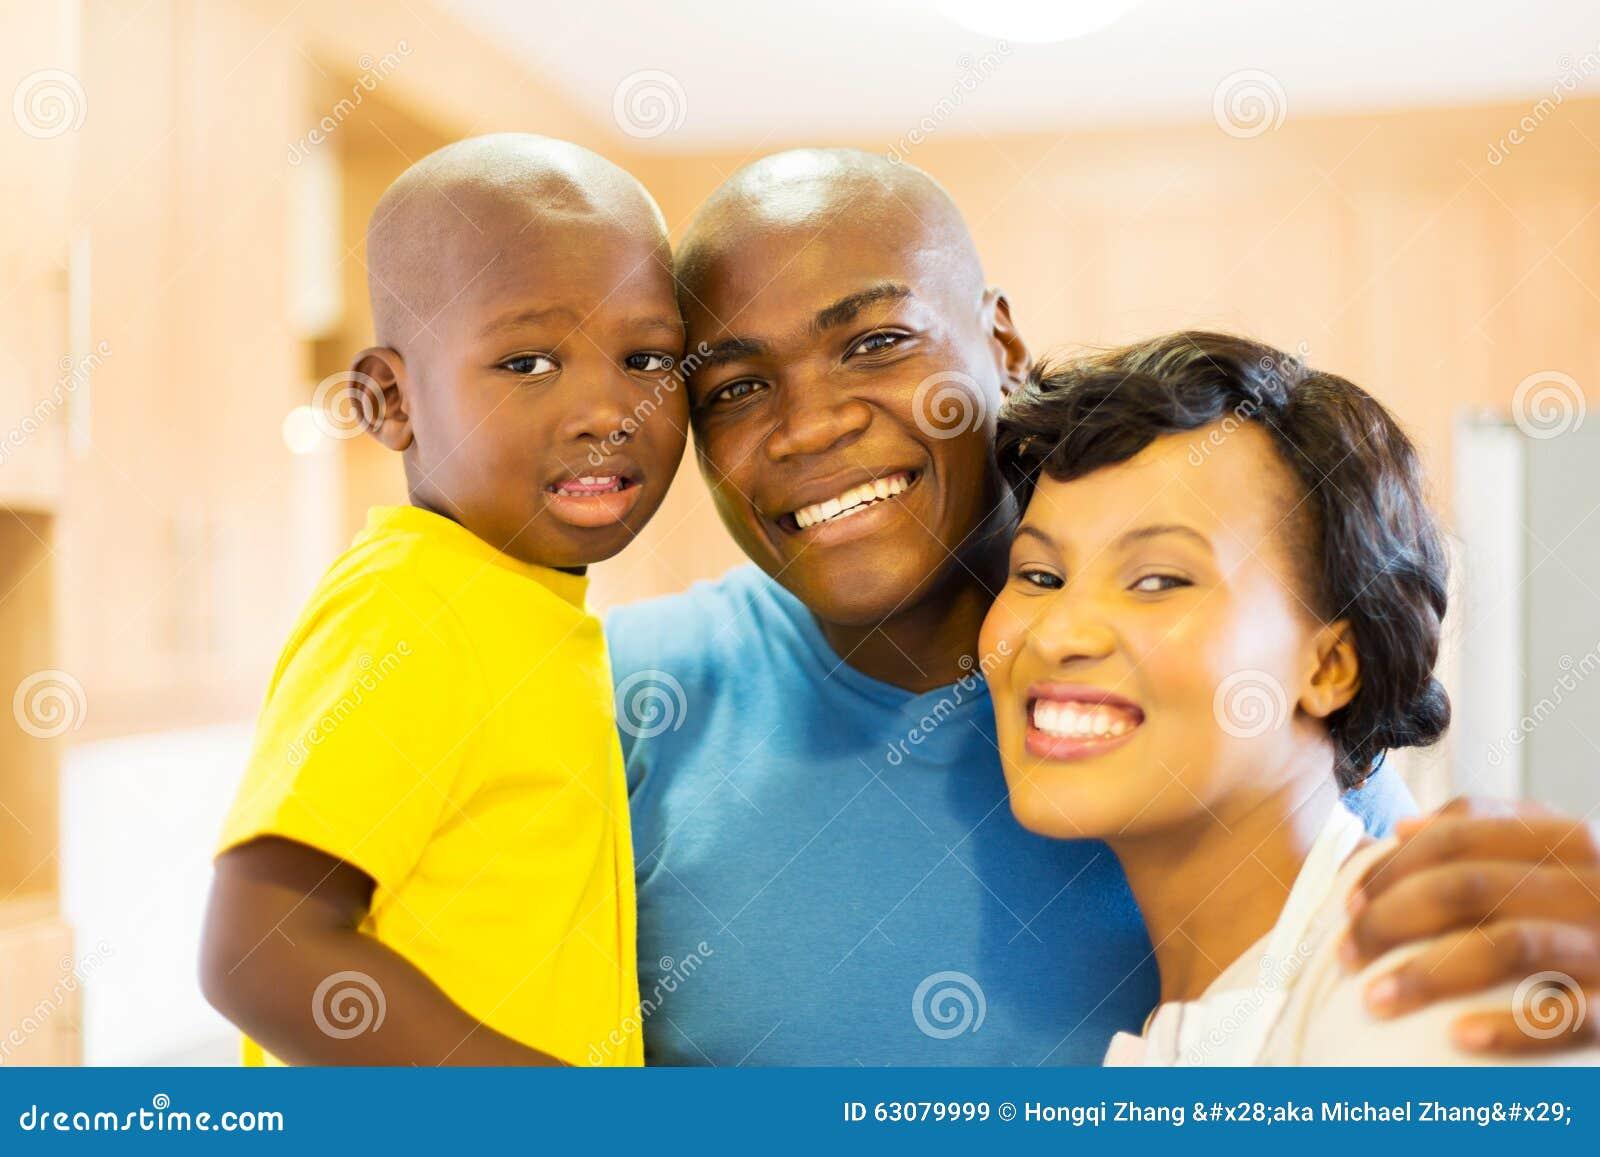 Junge schwarze Familie